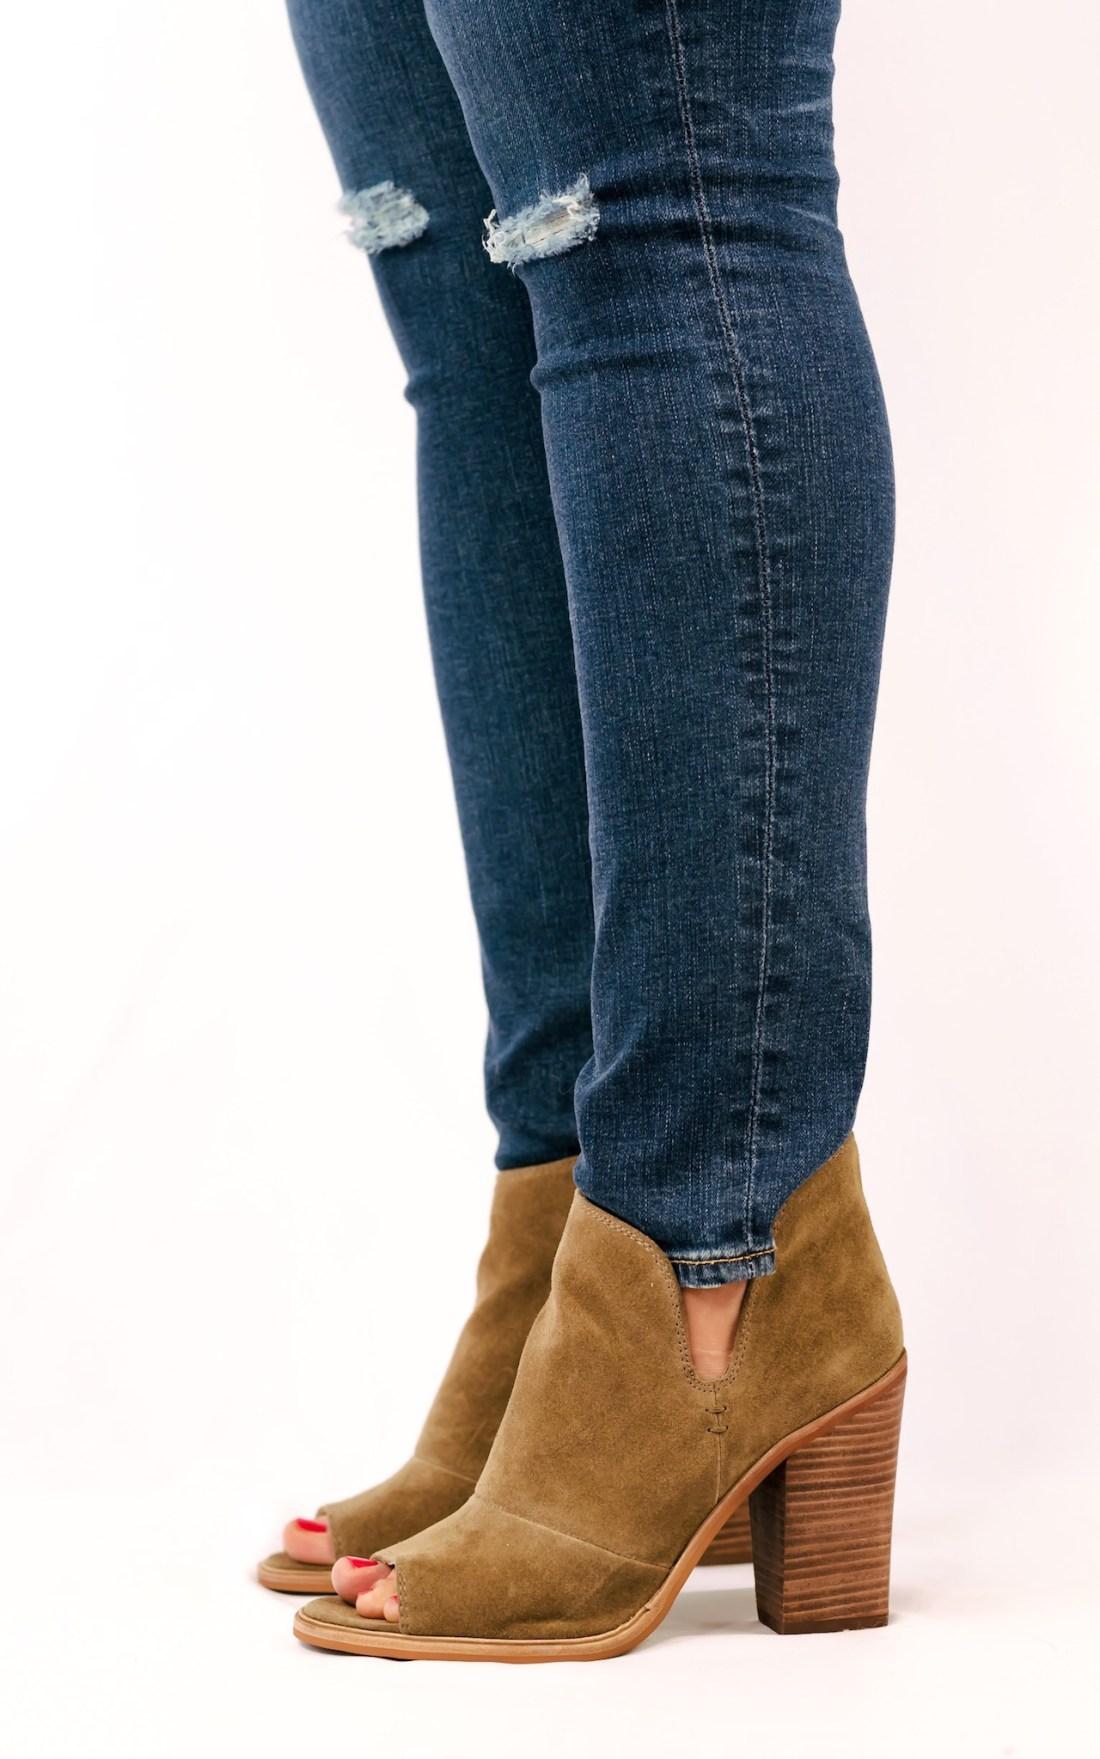 Vince Camuto Katleen Peep Toe Bootie AG Skinny Jeans Nordstrom Fancy Things